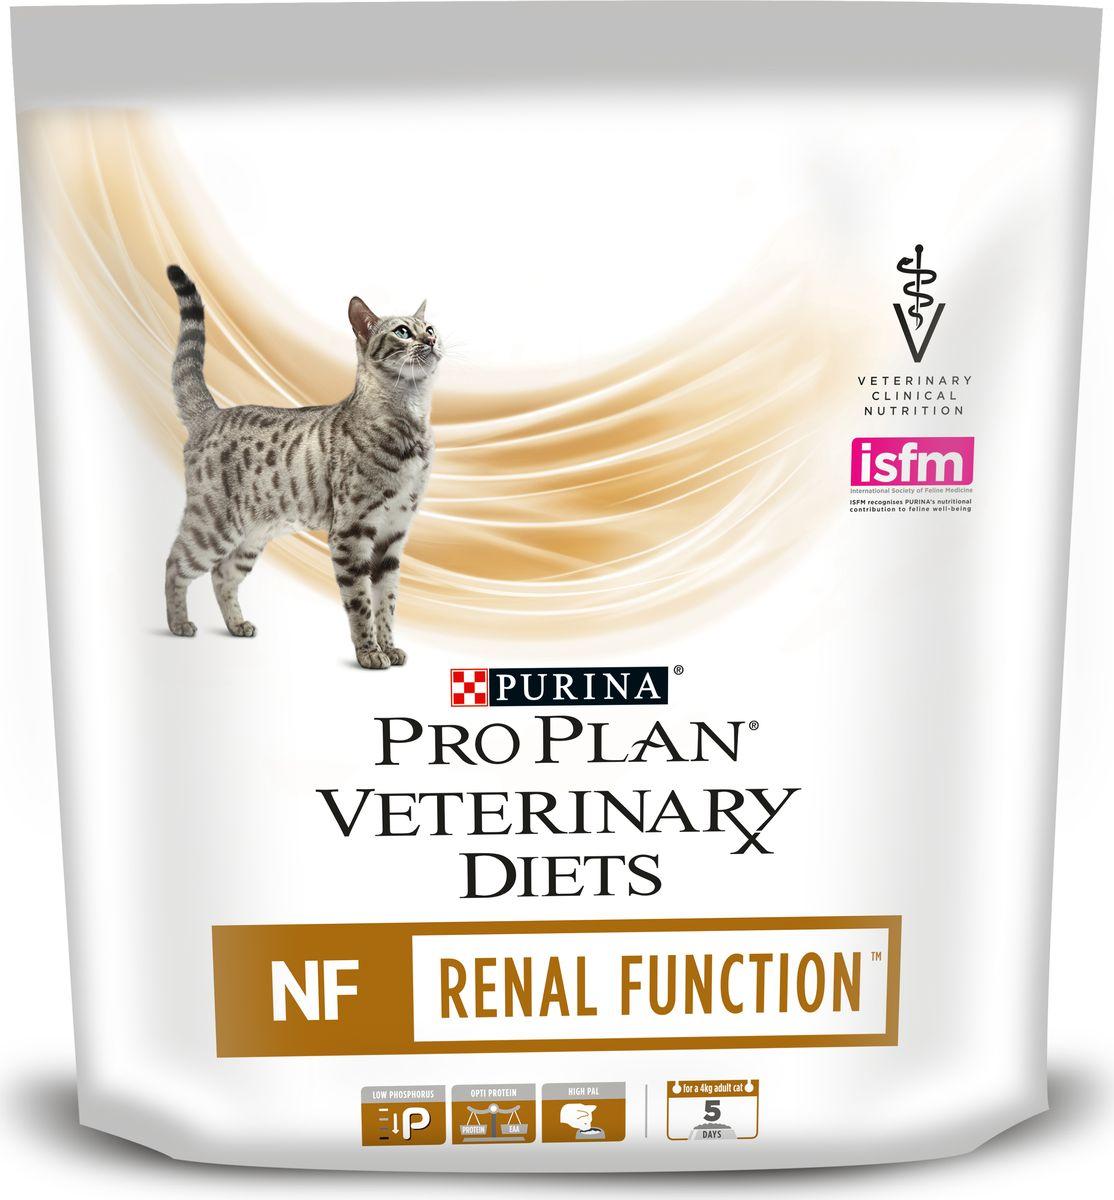 Корм сухой диетический Pro Plan NF, для взрослых кошек, при патологии почек, 350 г12148884Диетический корм Pro Plan NF - это идеальный ежедневный рацион для взрослых кошек, имеющих проблемы с работой почек. Ограниченное количество высококачественного белка сводит к минимуму образование уремических токсинов. Низкое содержание натрия и фосфора способствует защите от нарушения функции почек. Специальный комплекс витаминов и минералов уменьшают воспалительные процессы в организме и поддерживают кислотность мочи. Показания к применению:- почечная недостаточность; - заболевания печени, связанные с энцефалопатией; - ранние стадии застойной сердечной недостаточности; - гипертензия. Товар сертифицирован.